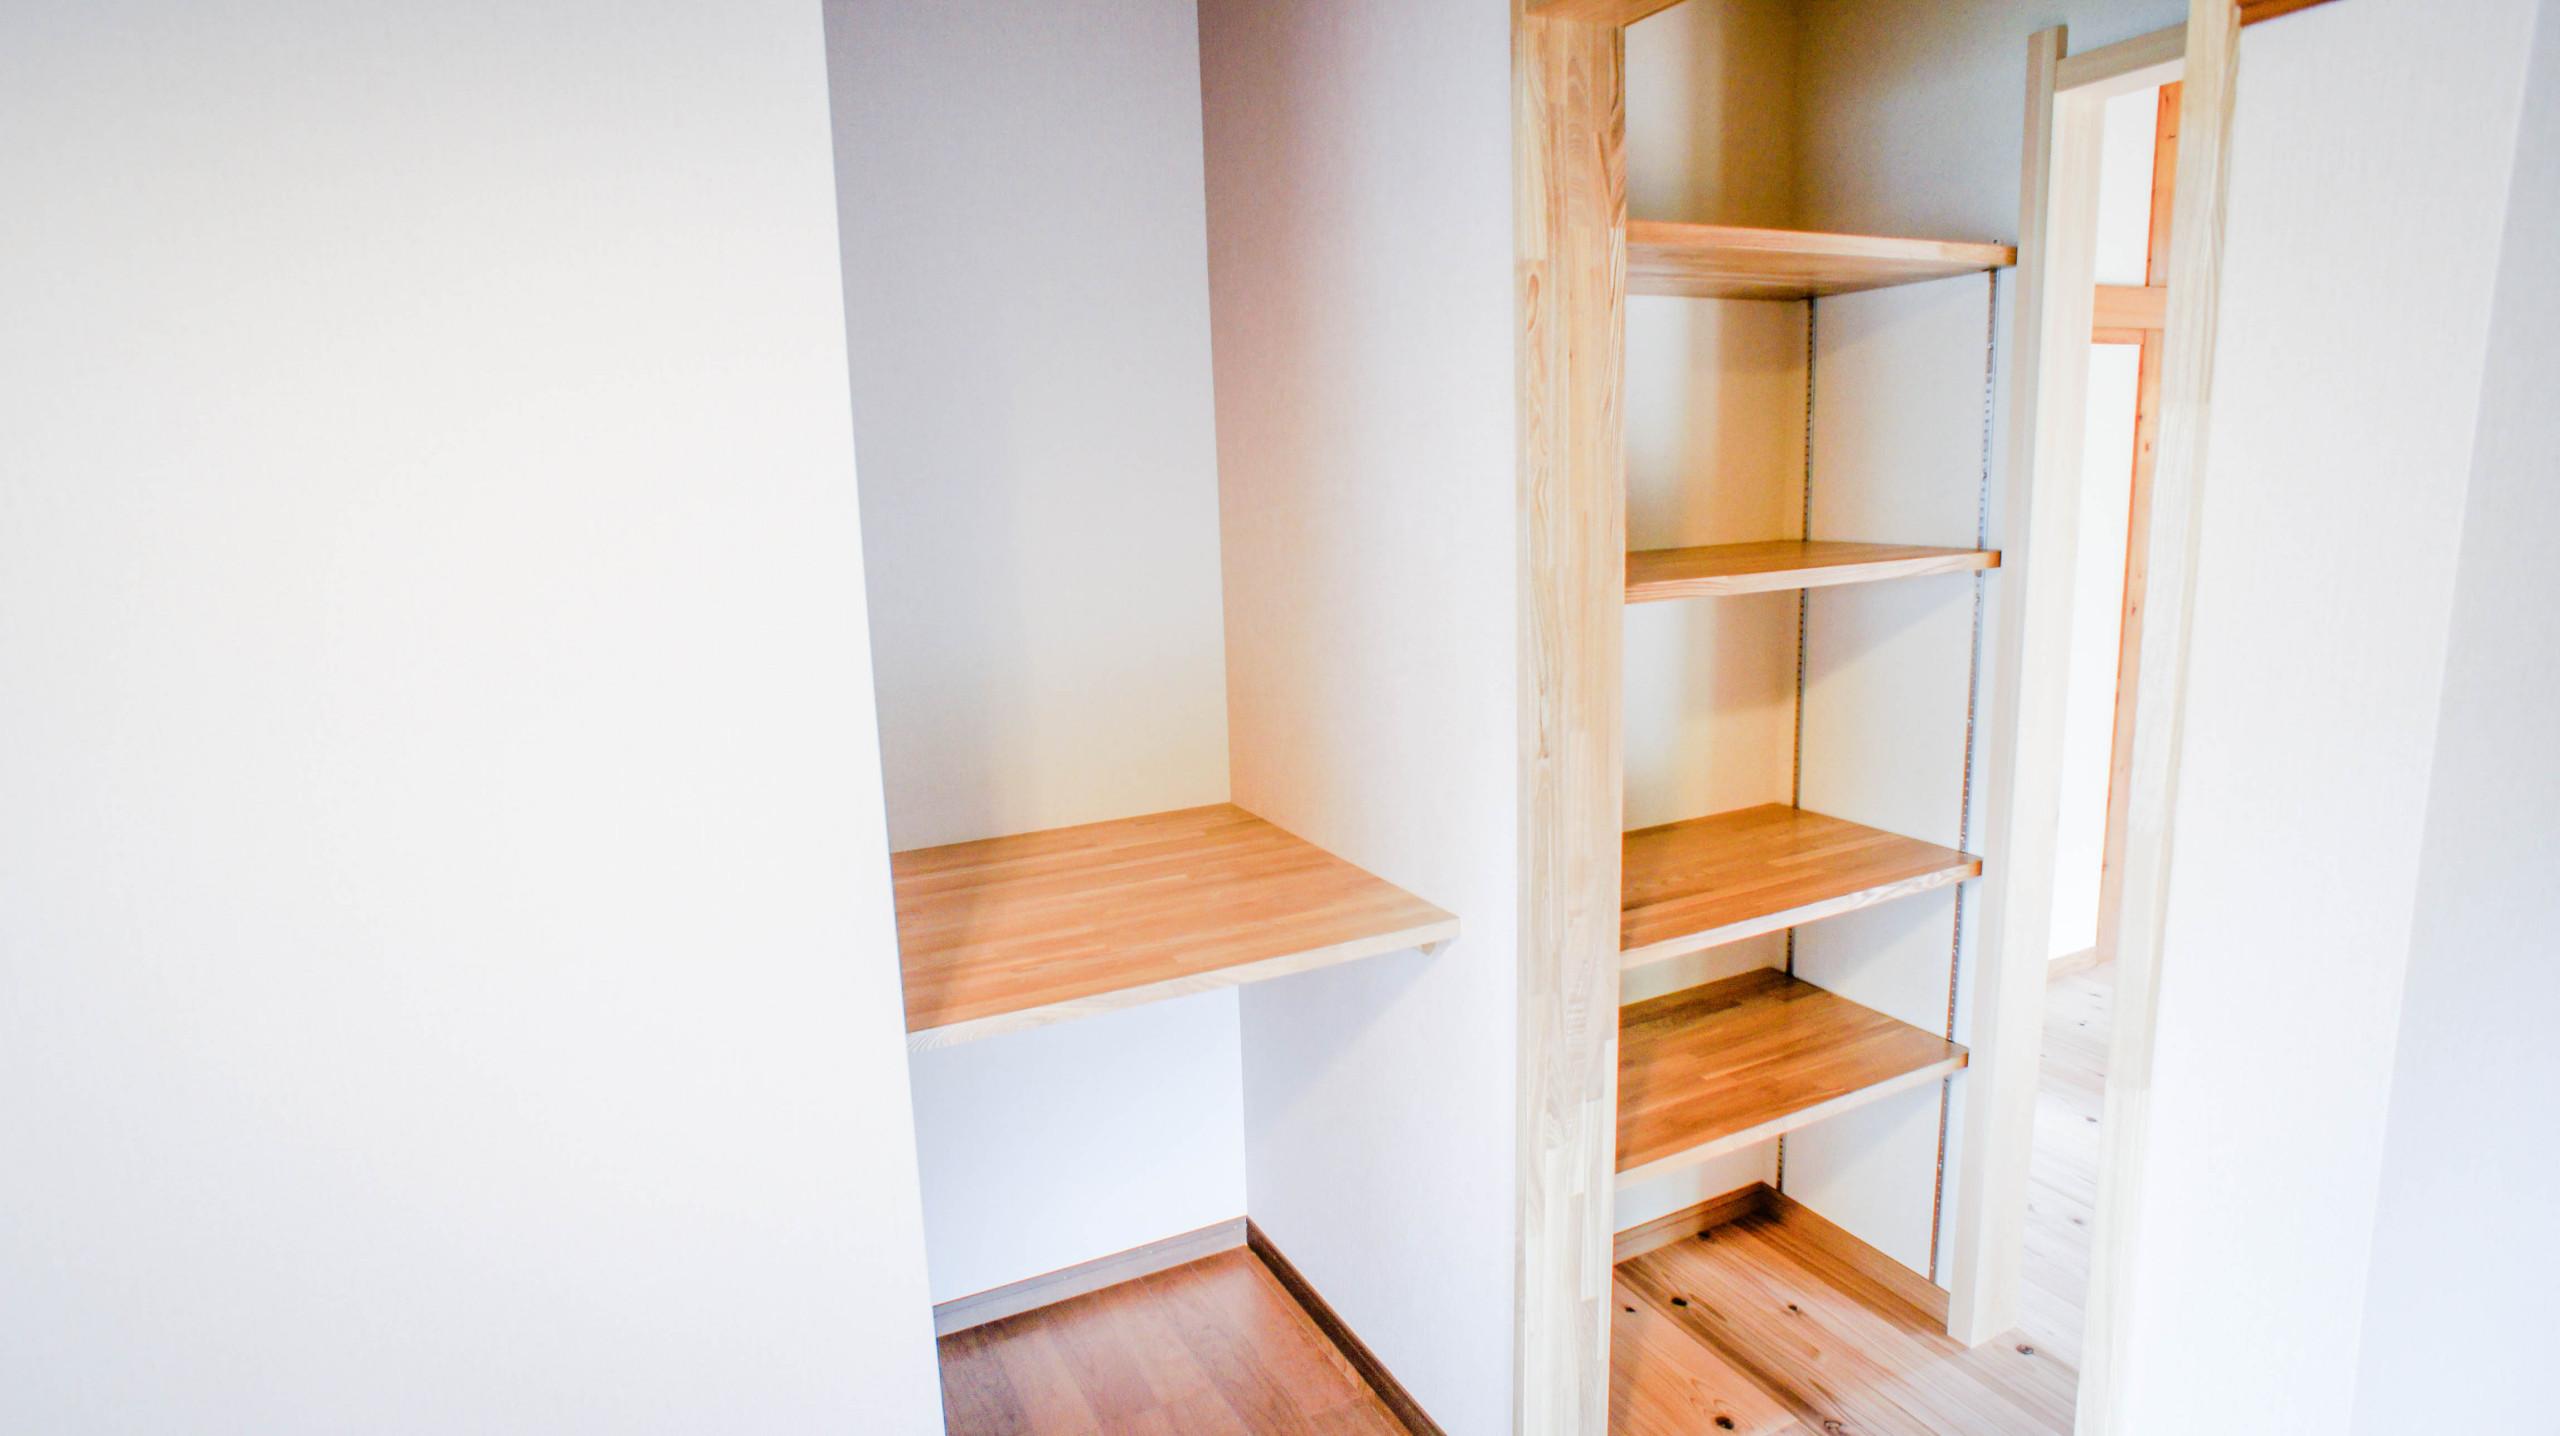 木の優しいぬくもり。シンプルでお洒落な機能型稼働棚